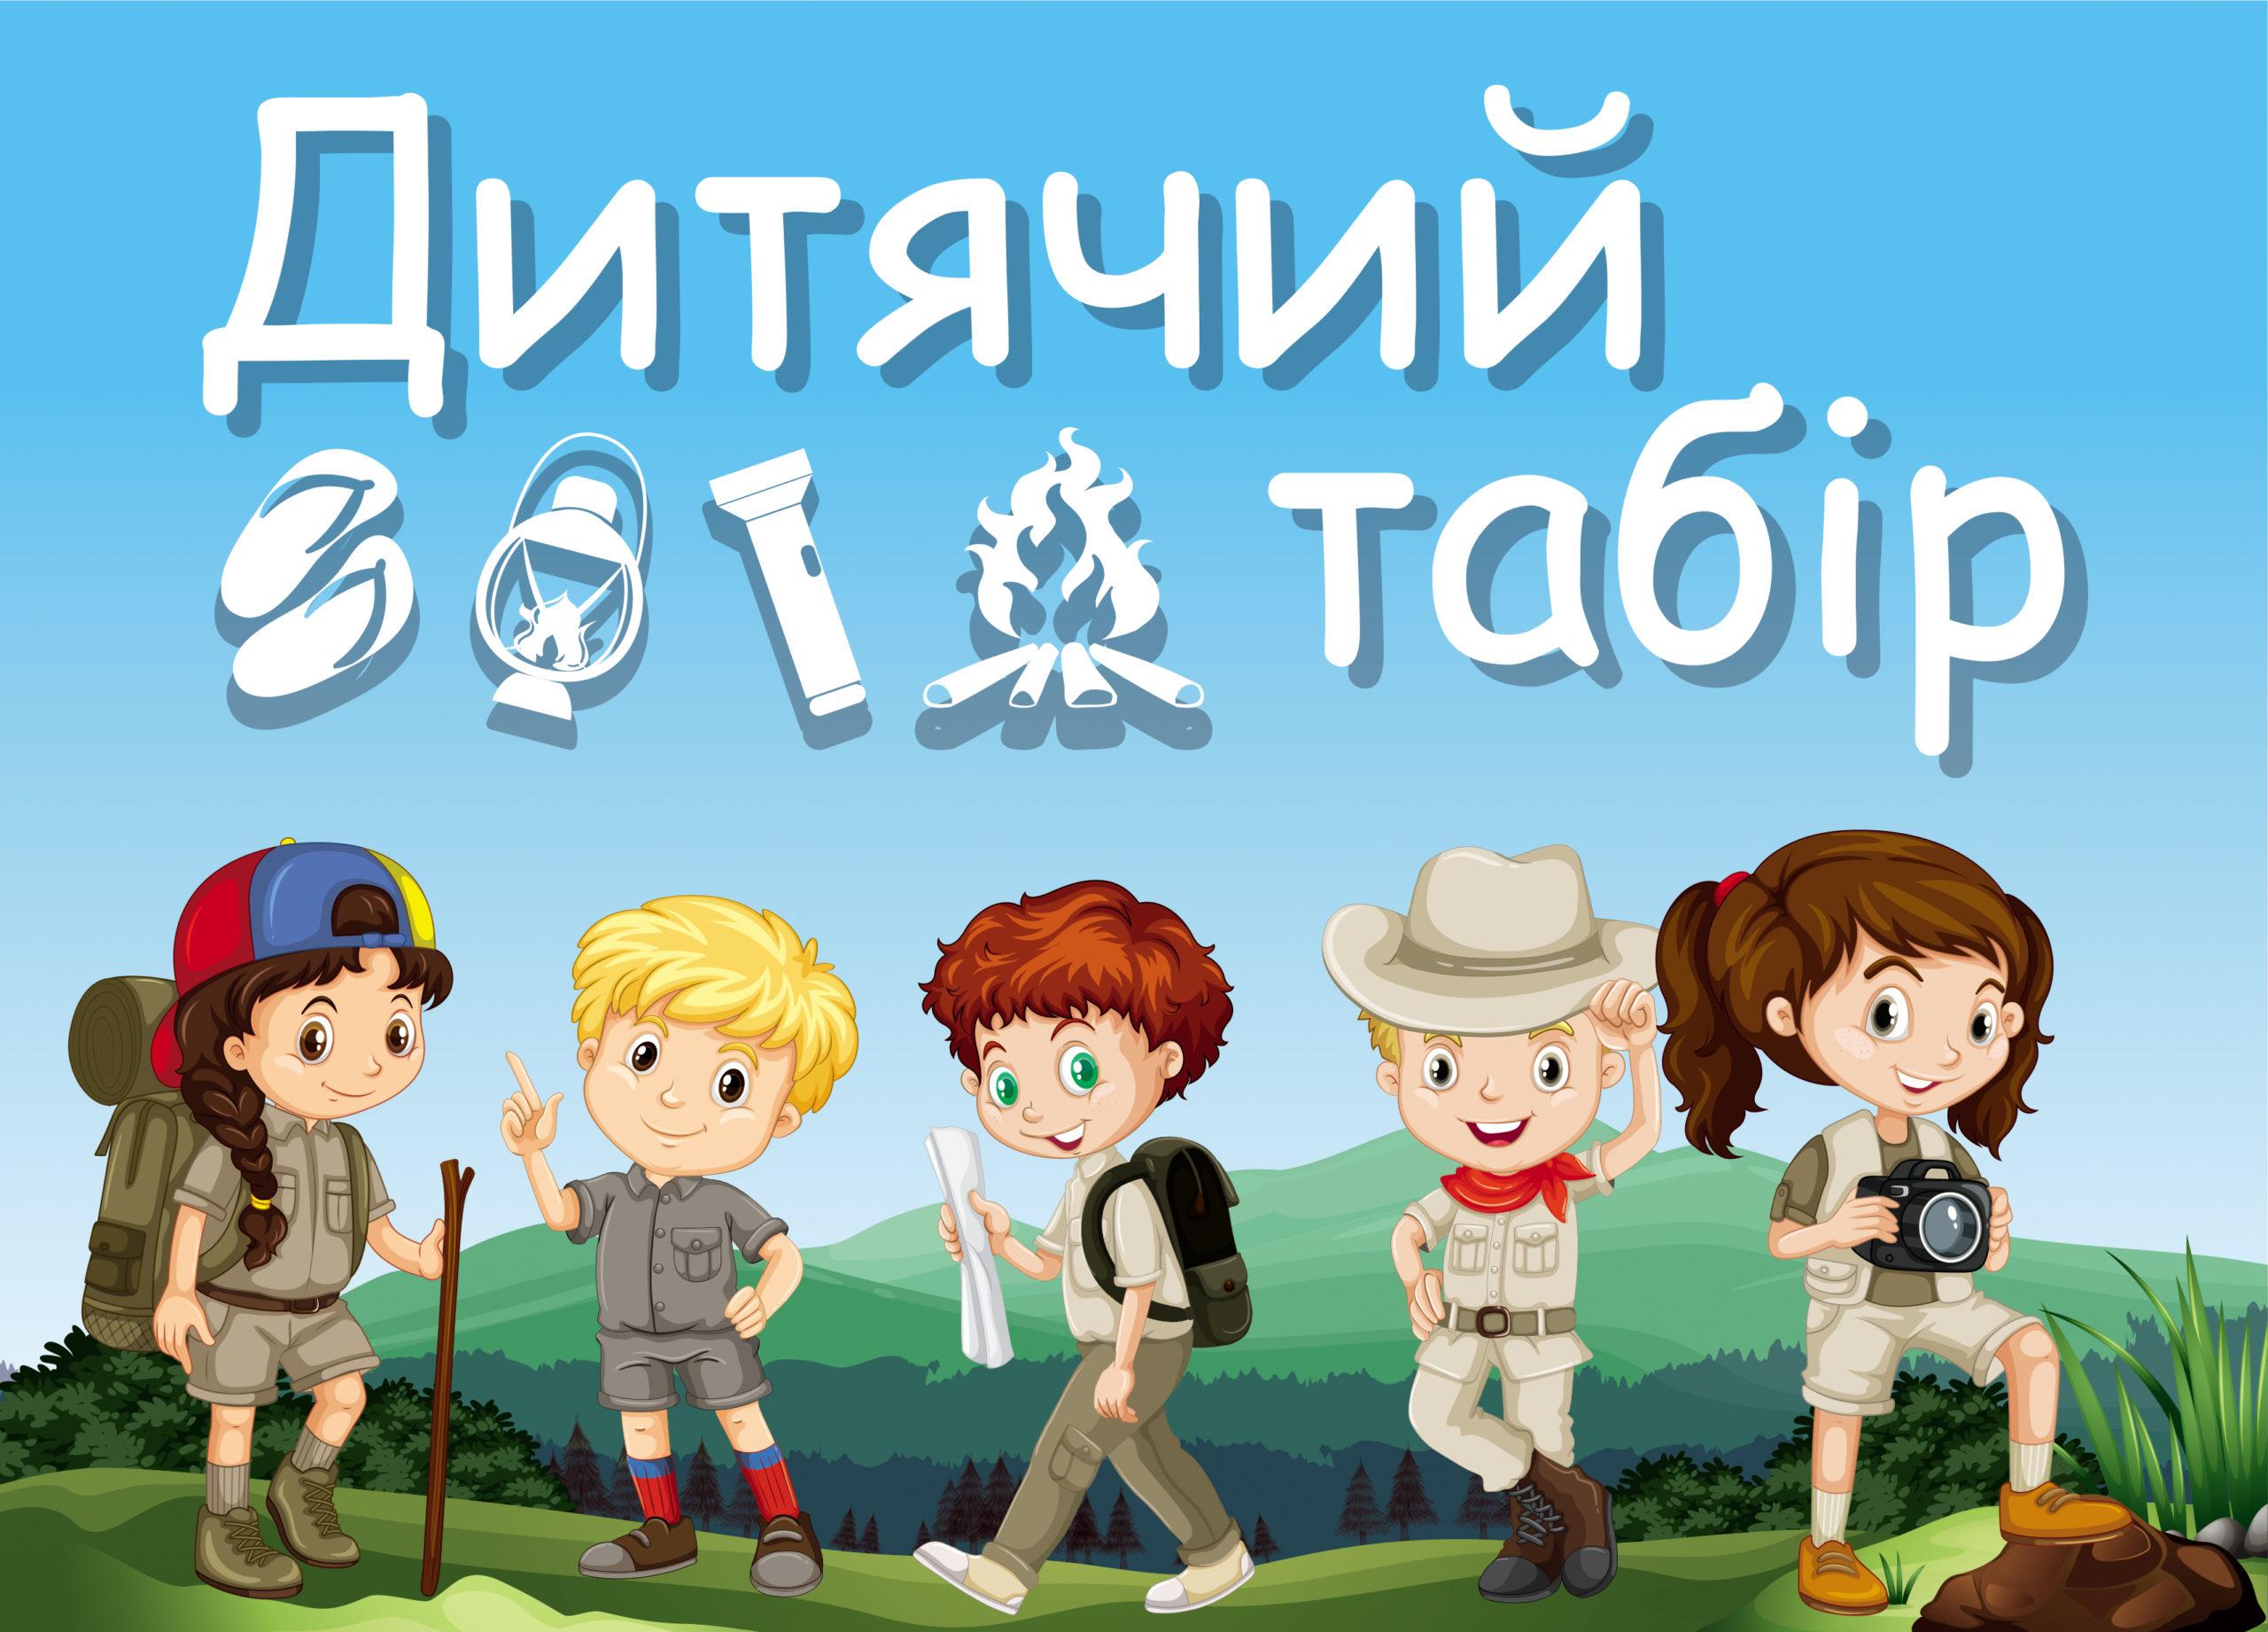 Табір для особливих дітей місто Київ